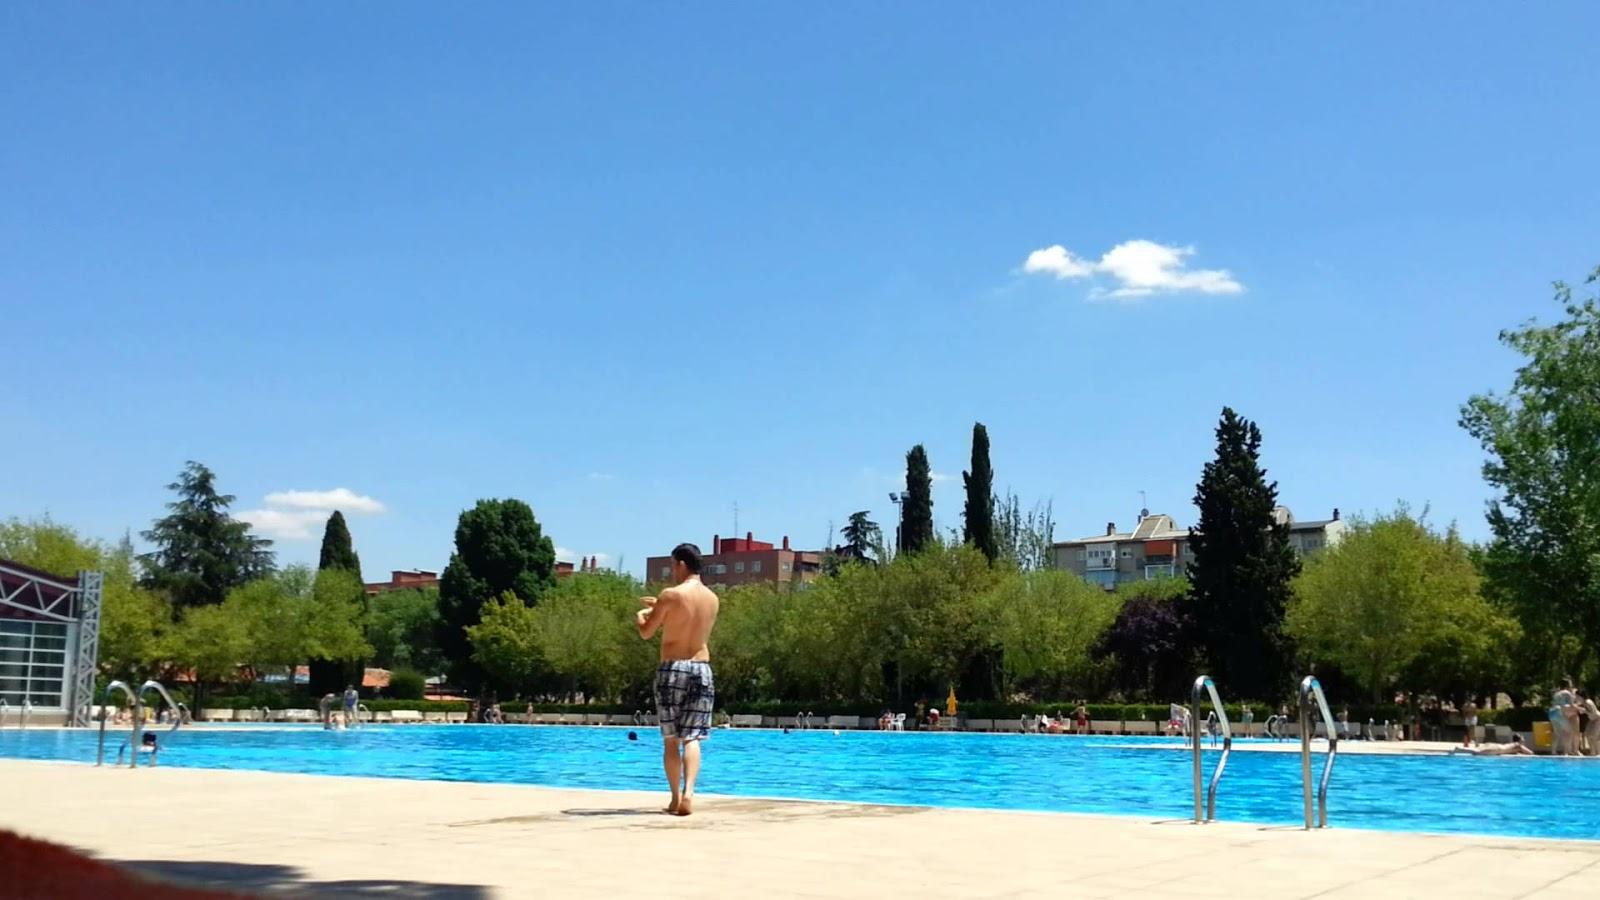 La piscina de verano de aluche la tercera m s visitada de for Las mejores piscinas municipales de madrid